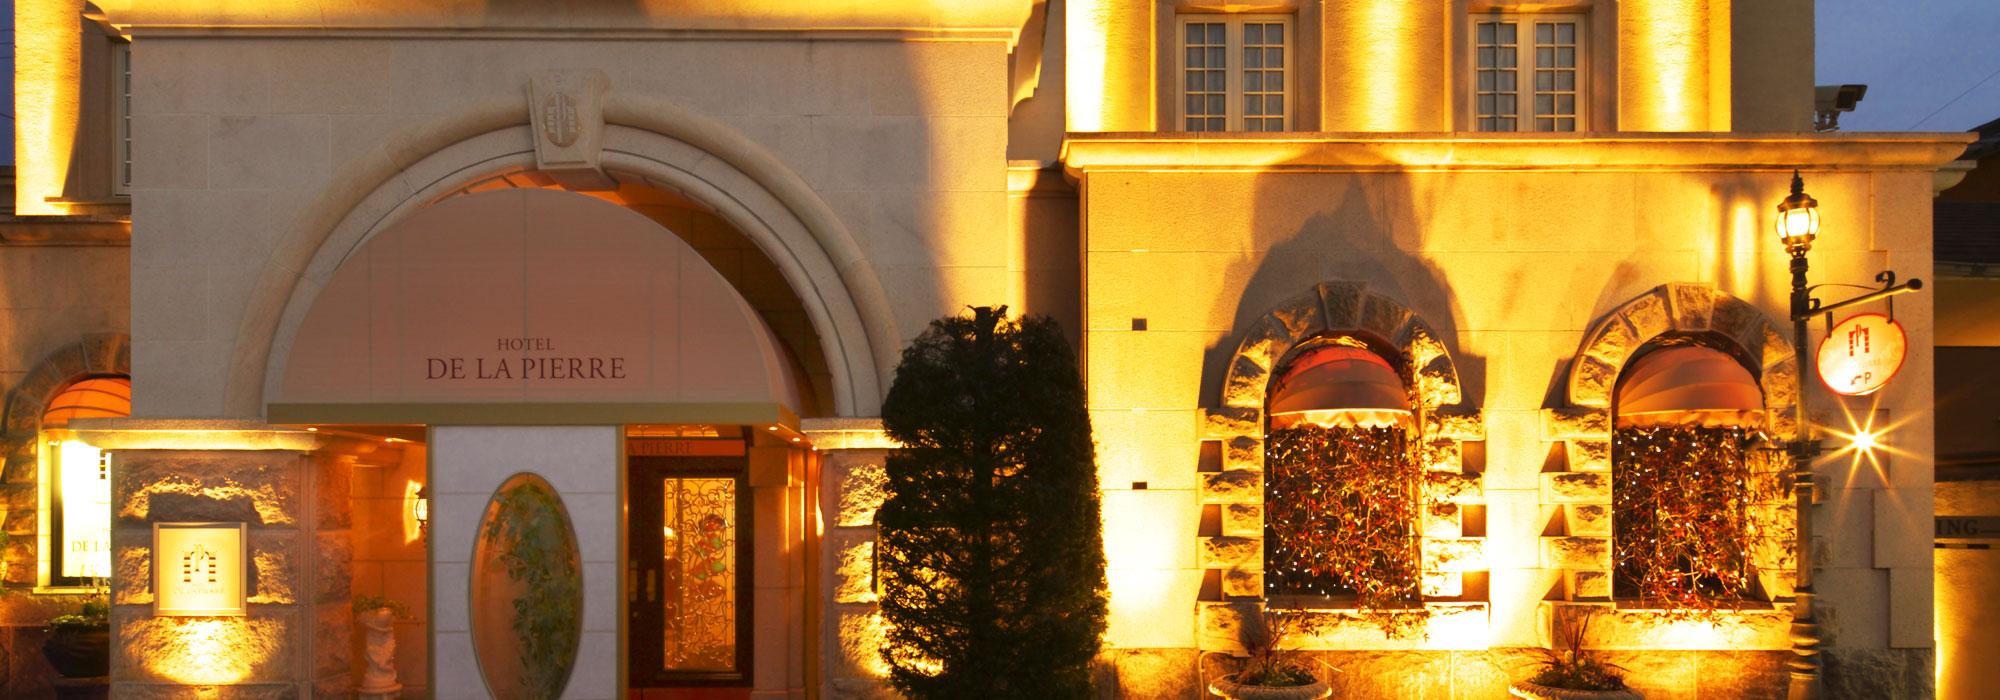 HOTEL DE LA PIERRE|高台寺にアンドロイド観音「マインダー」が登場しました。